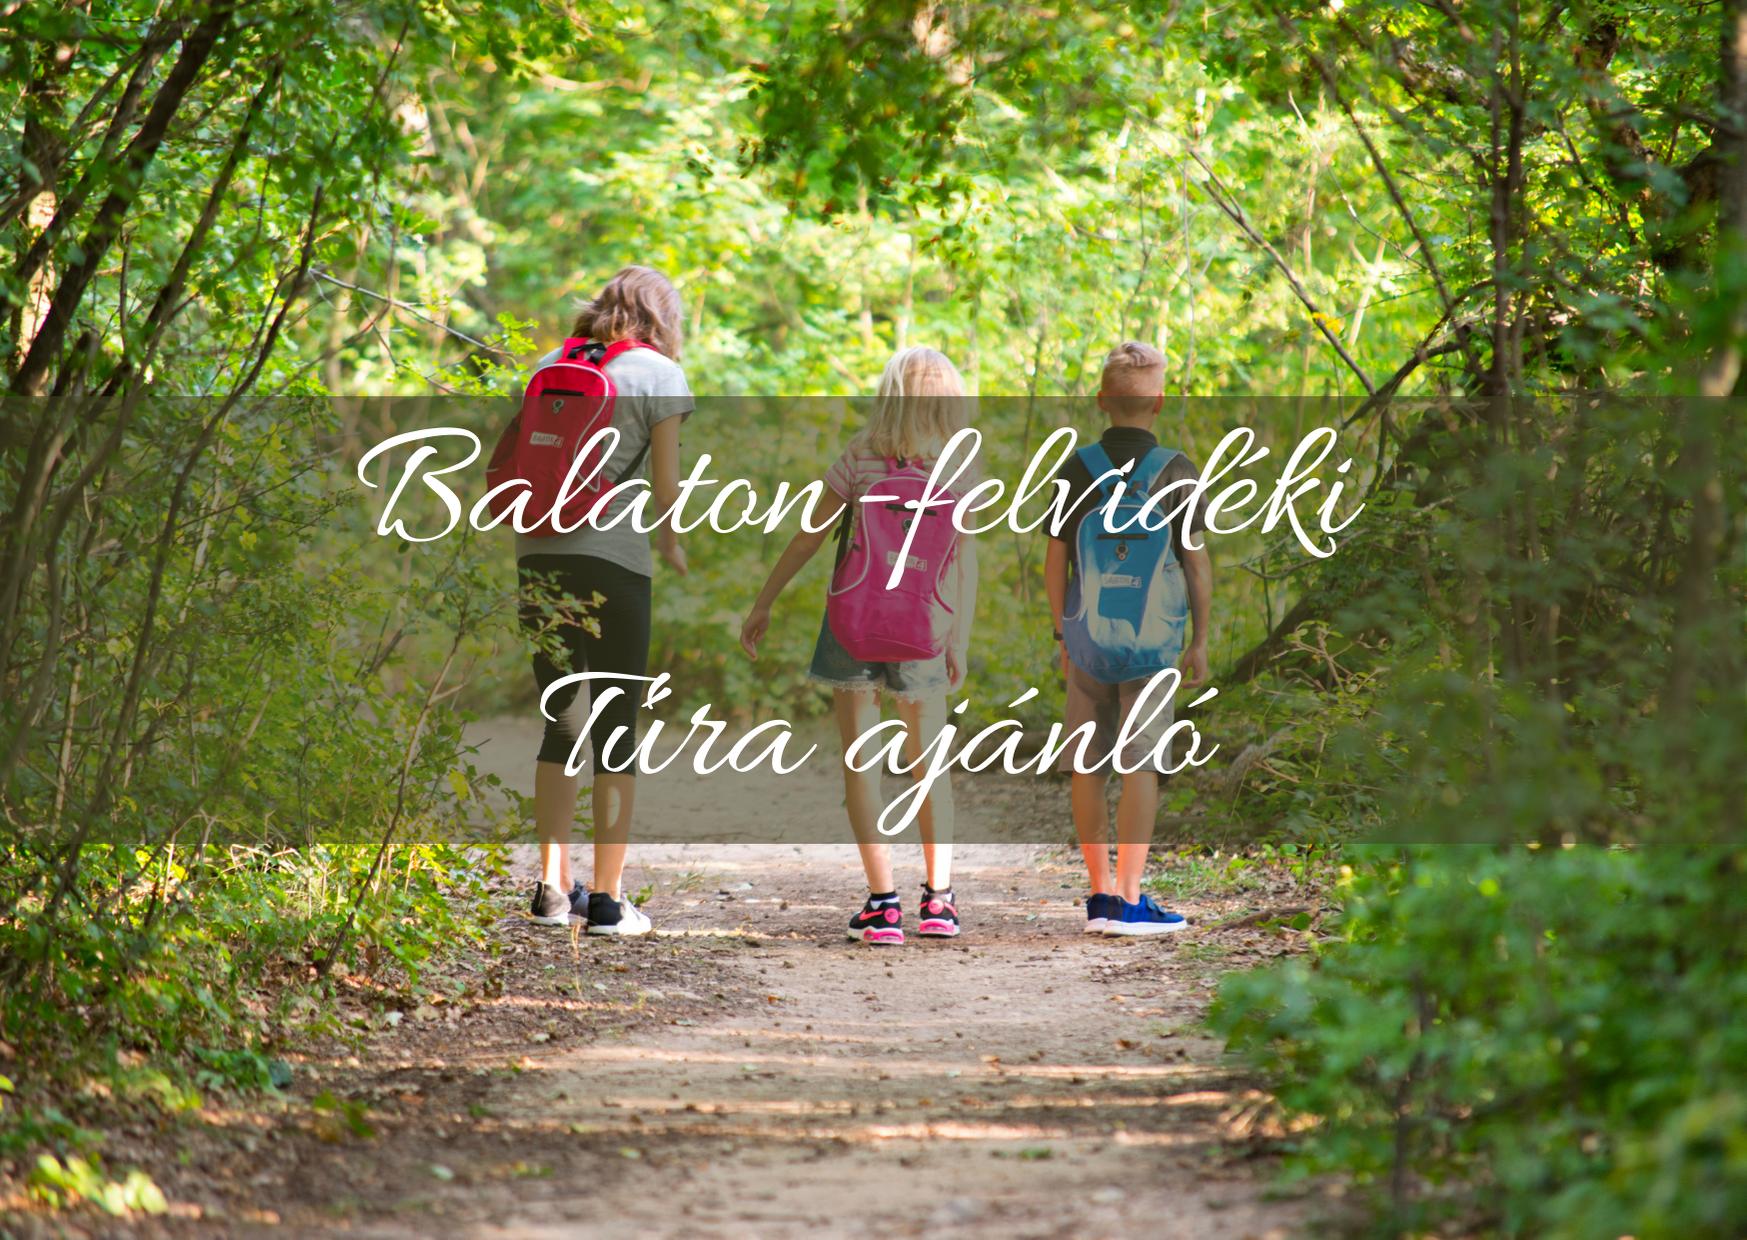 Balaton-felvidéki Túra ajánló